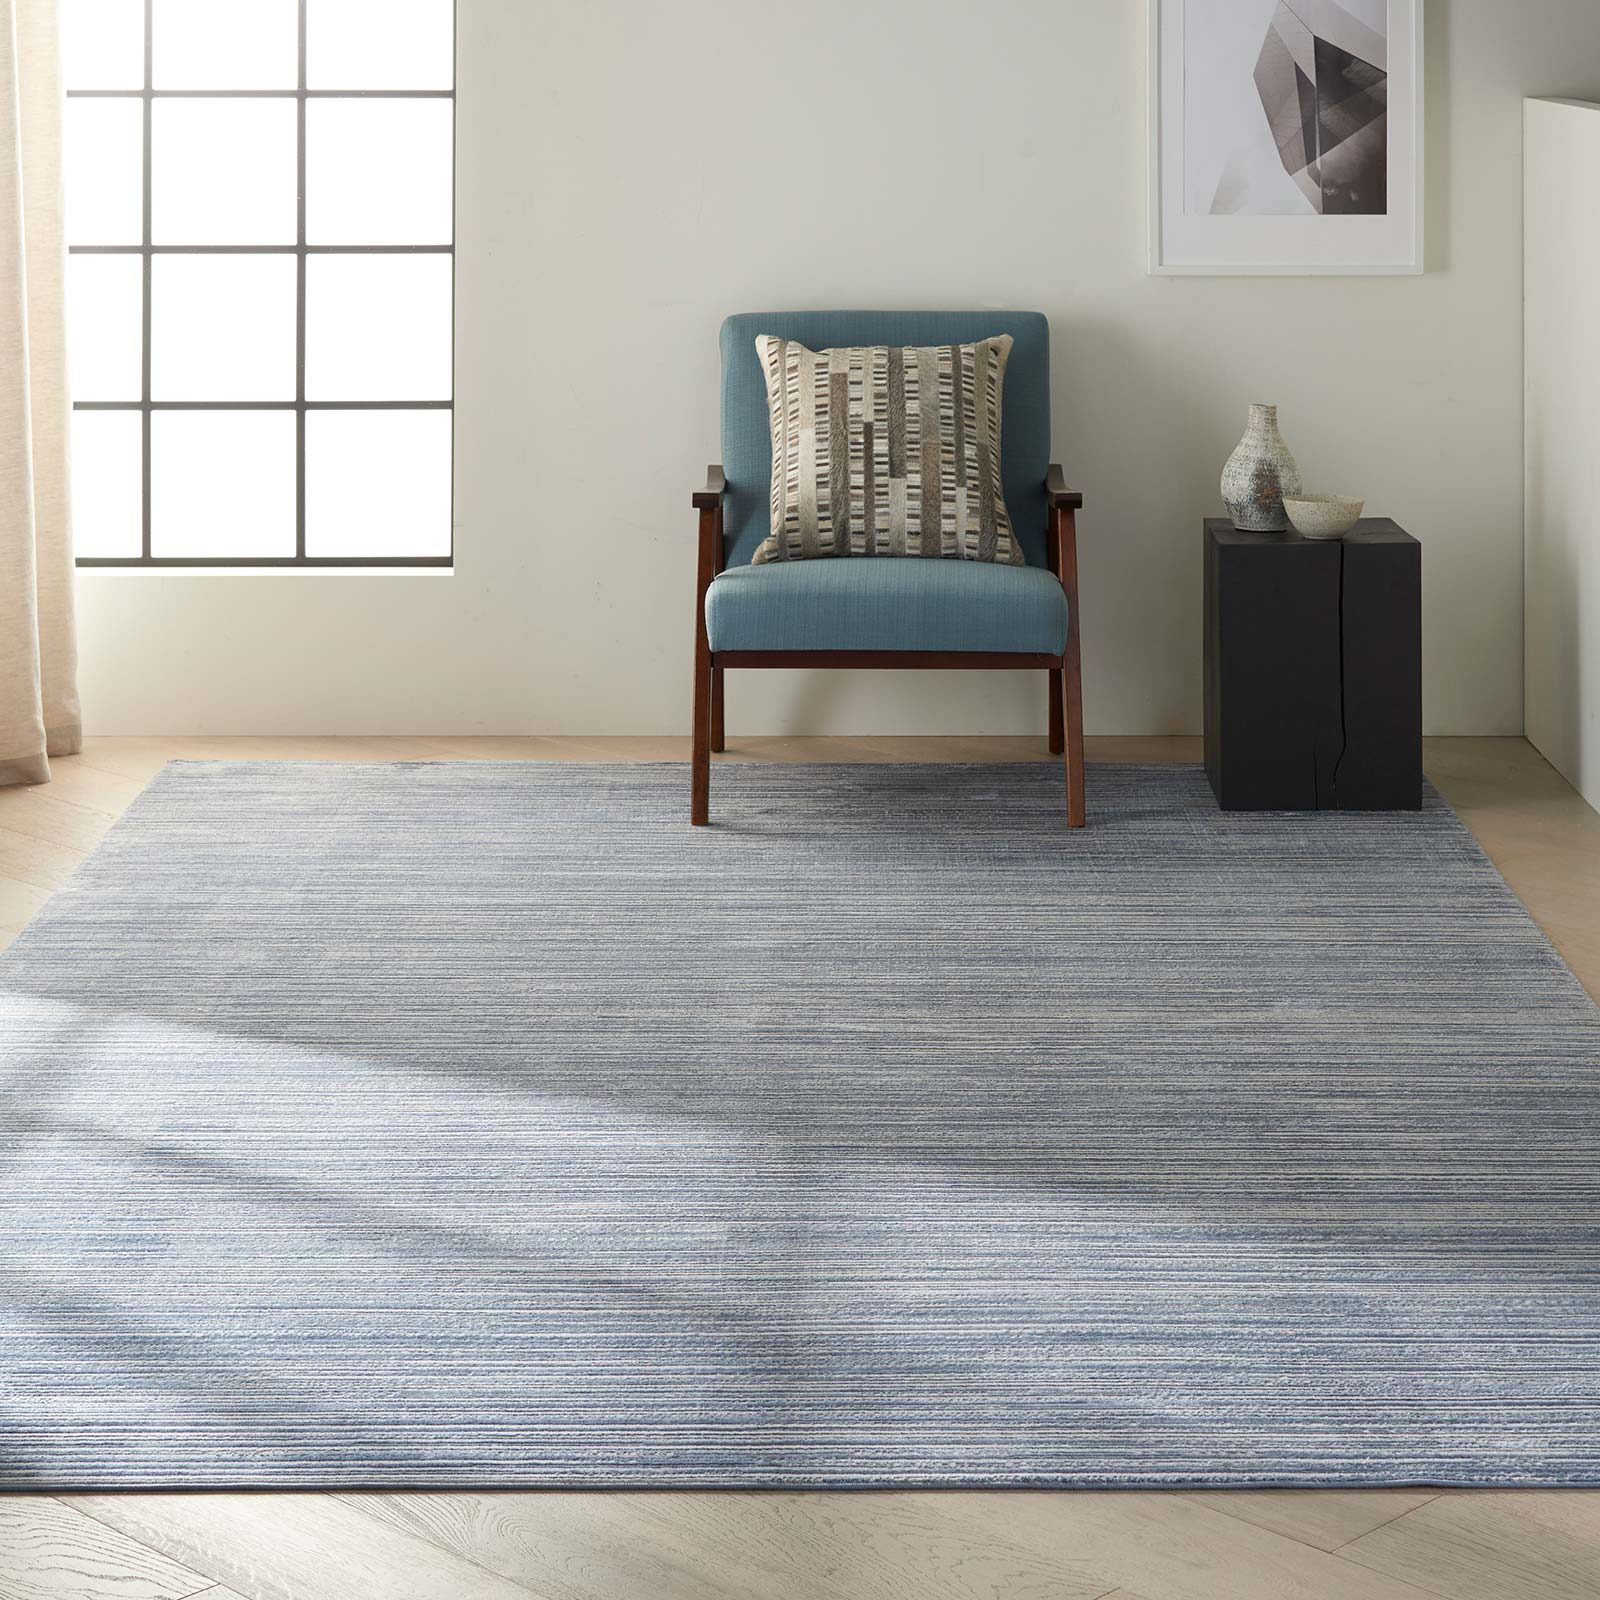 Calvin Klein rug Orlando CK850 CK851 BLUE 8x11 099446487803 interior 1